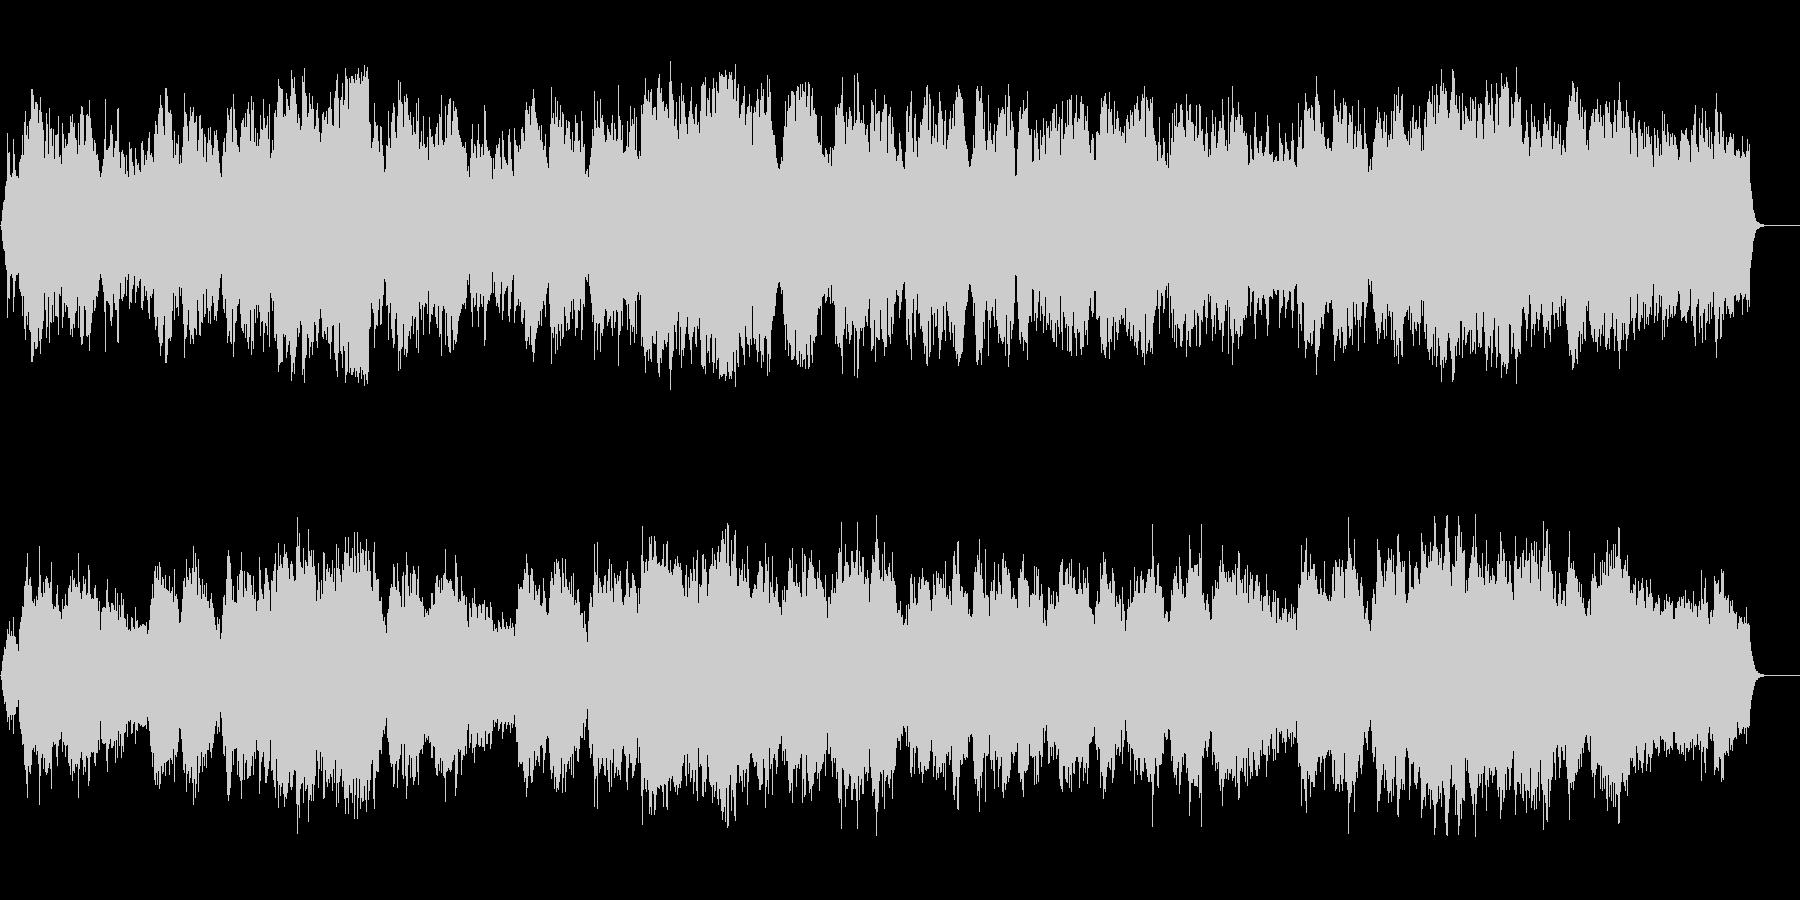 静穏な一時の安らぎのネイチャー系BGMの未再生の波形